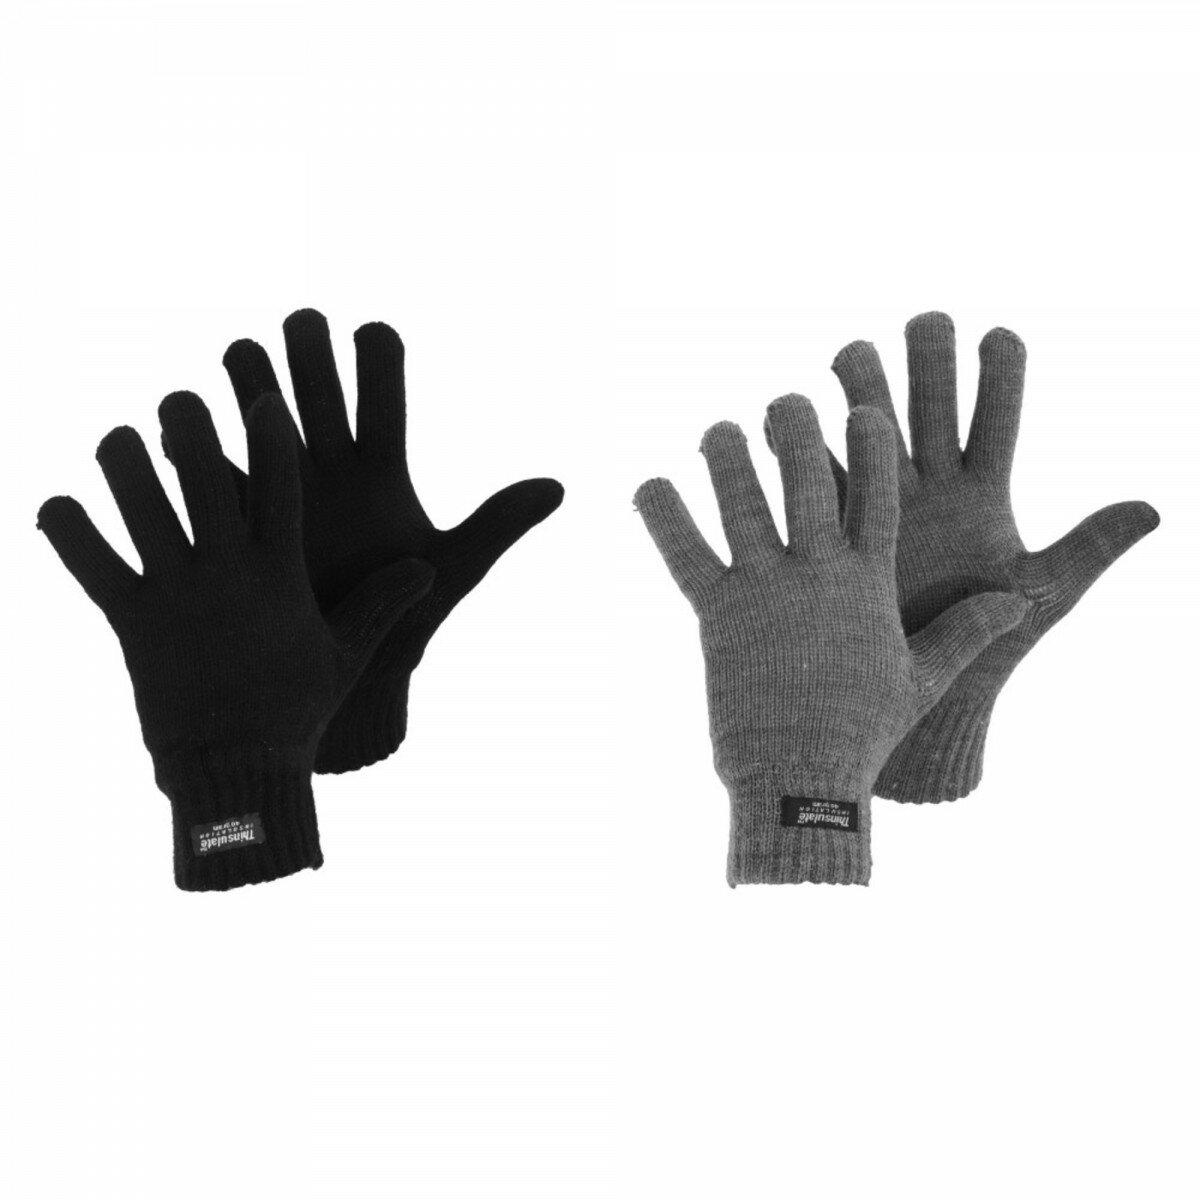 (レガッタ) Regatta レディース シンサレート サーマル ニット手袋 ニットグローブ ウィンターグローブ 冬 【楽天海外直送】